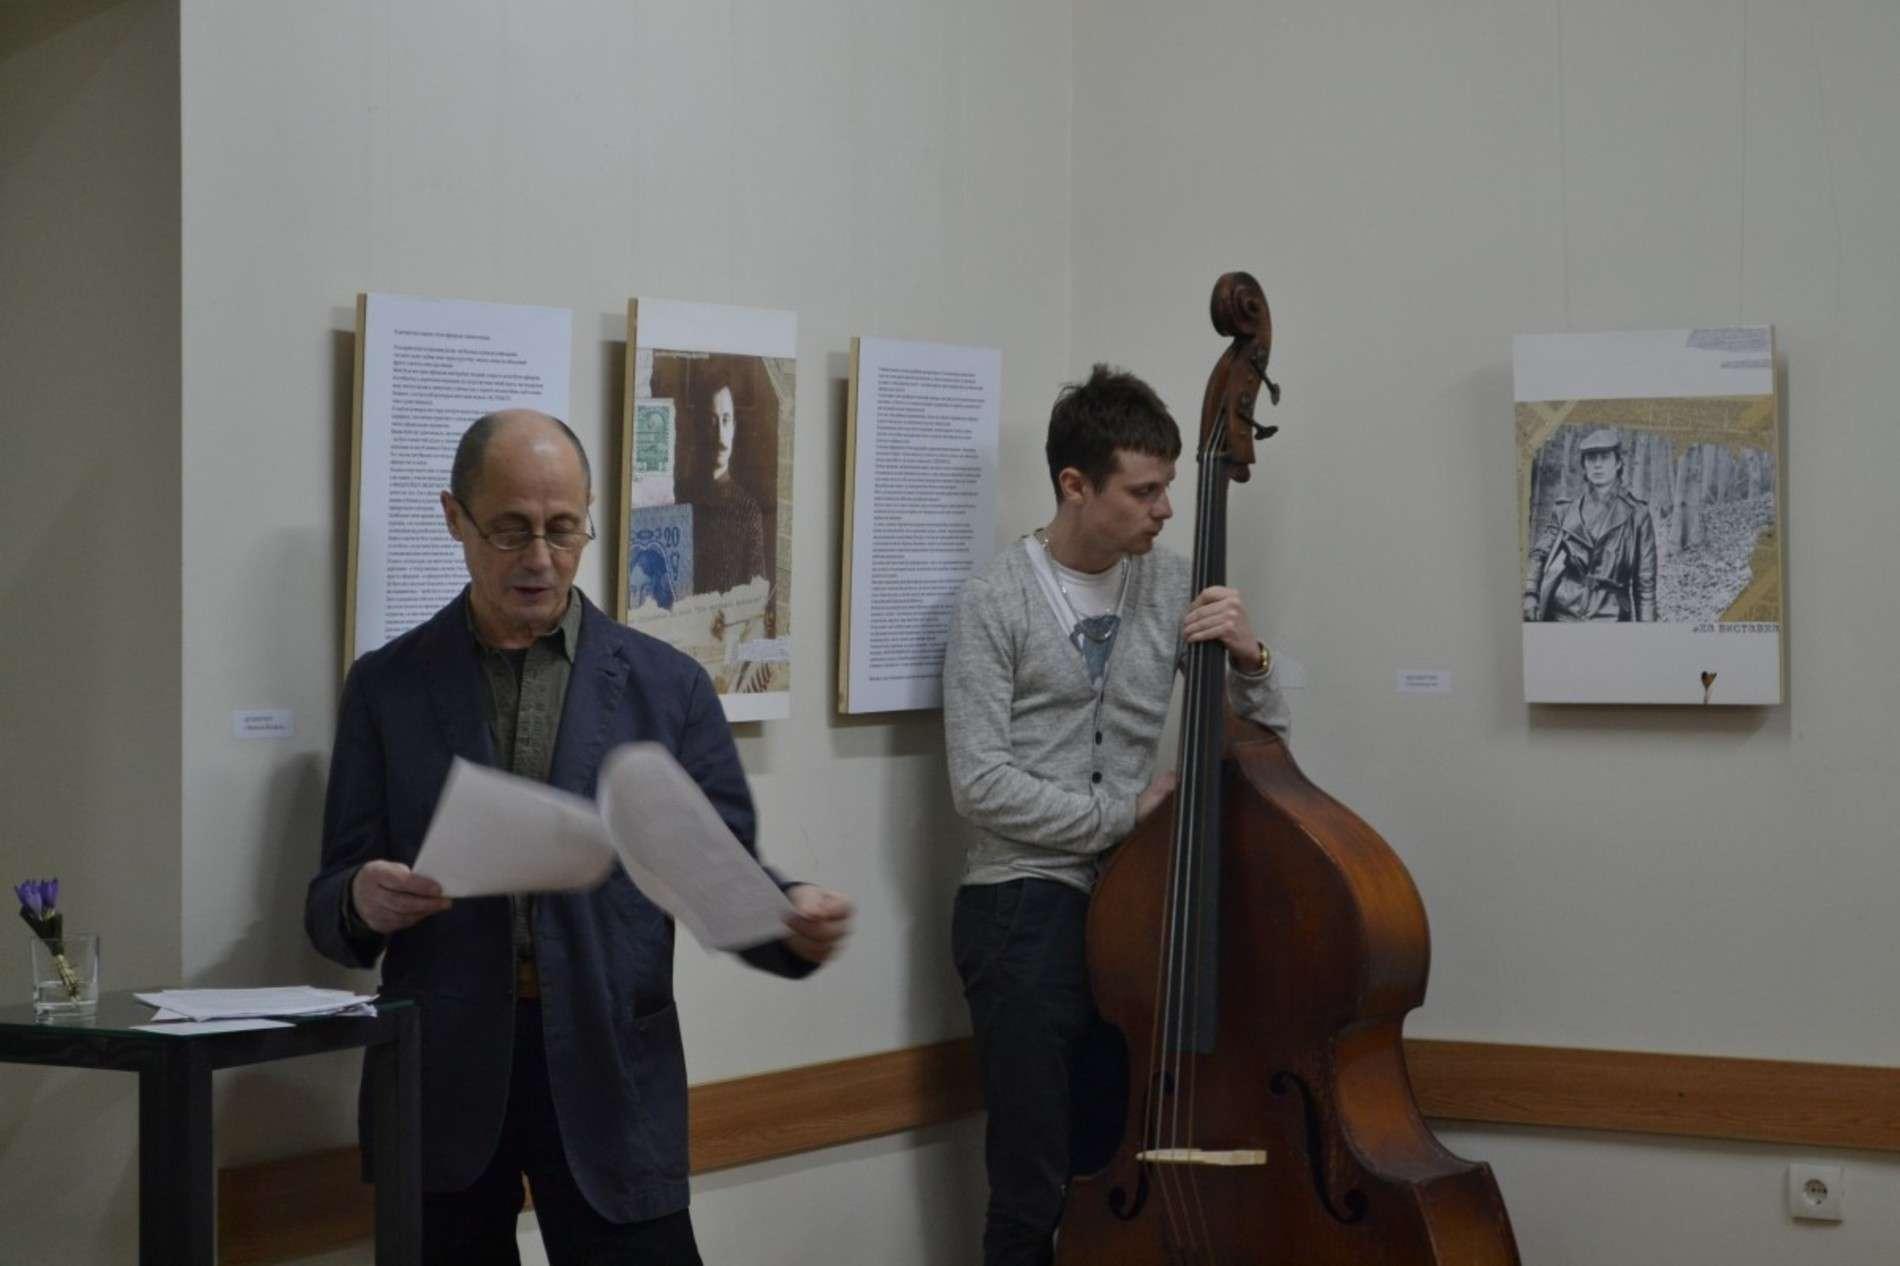 Експозицію візуальної прози Олега Любківського доповнювало звучання контрабасу